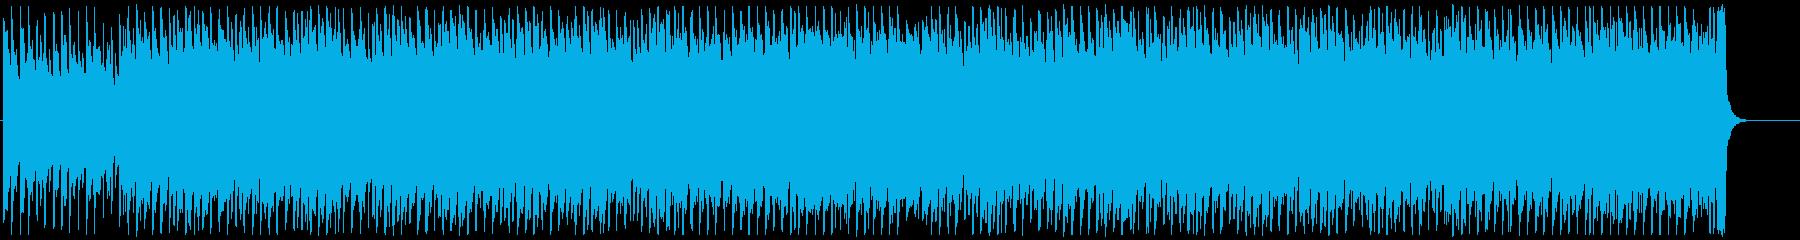 軽快で明るいテクノポップの再生済みの波形